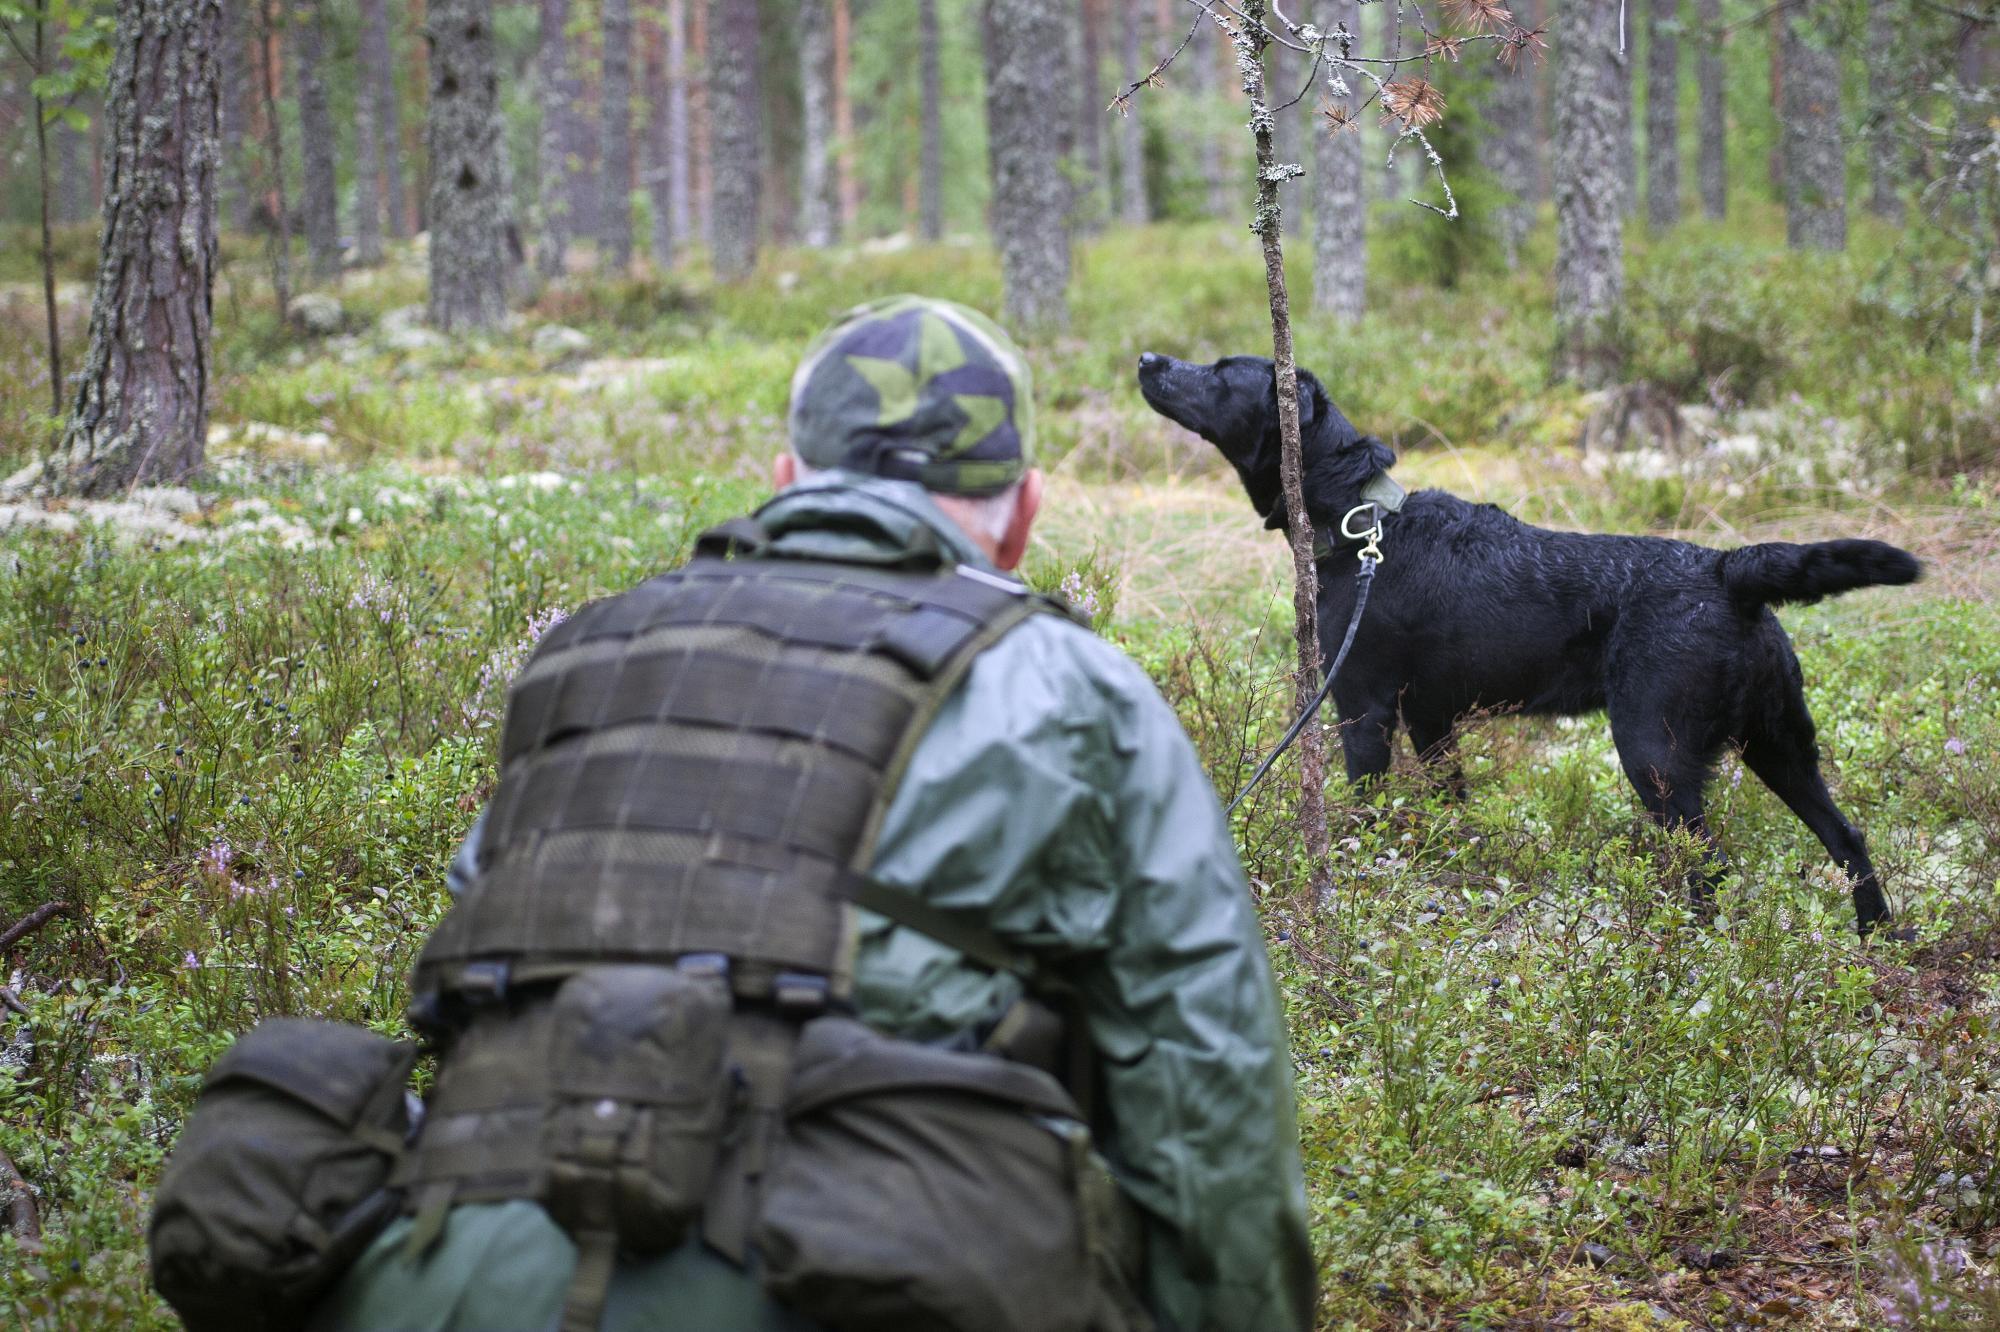 Mats Andersson och Tess blev historiska då de vann SM för patrullhund för tredje året i rad. Klicka på bilden för att komma till reportaget från SM för försvarsmaktshundar och poddintervju med Mats.